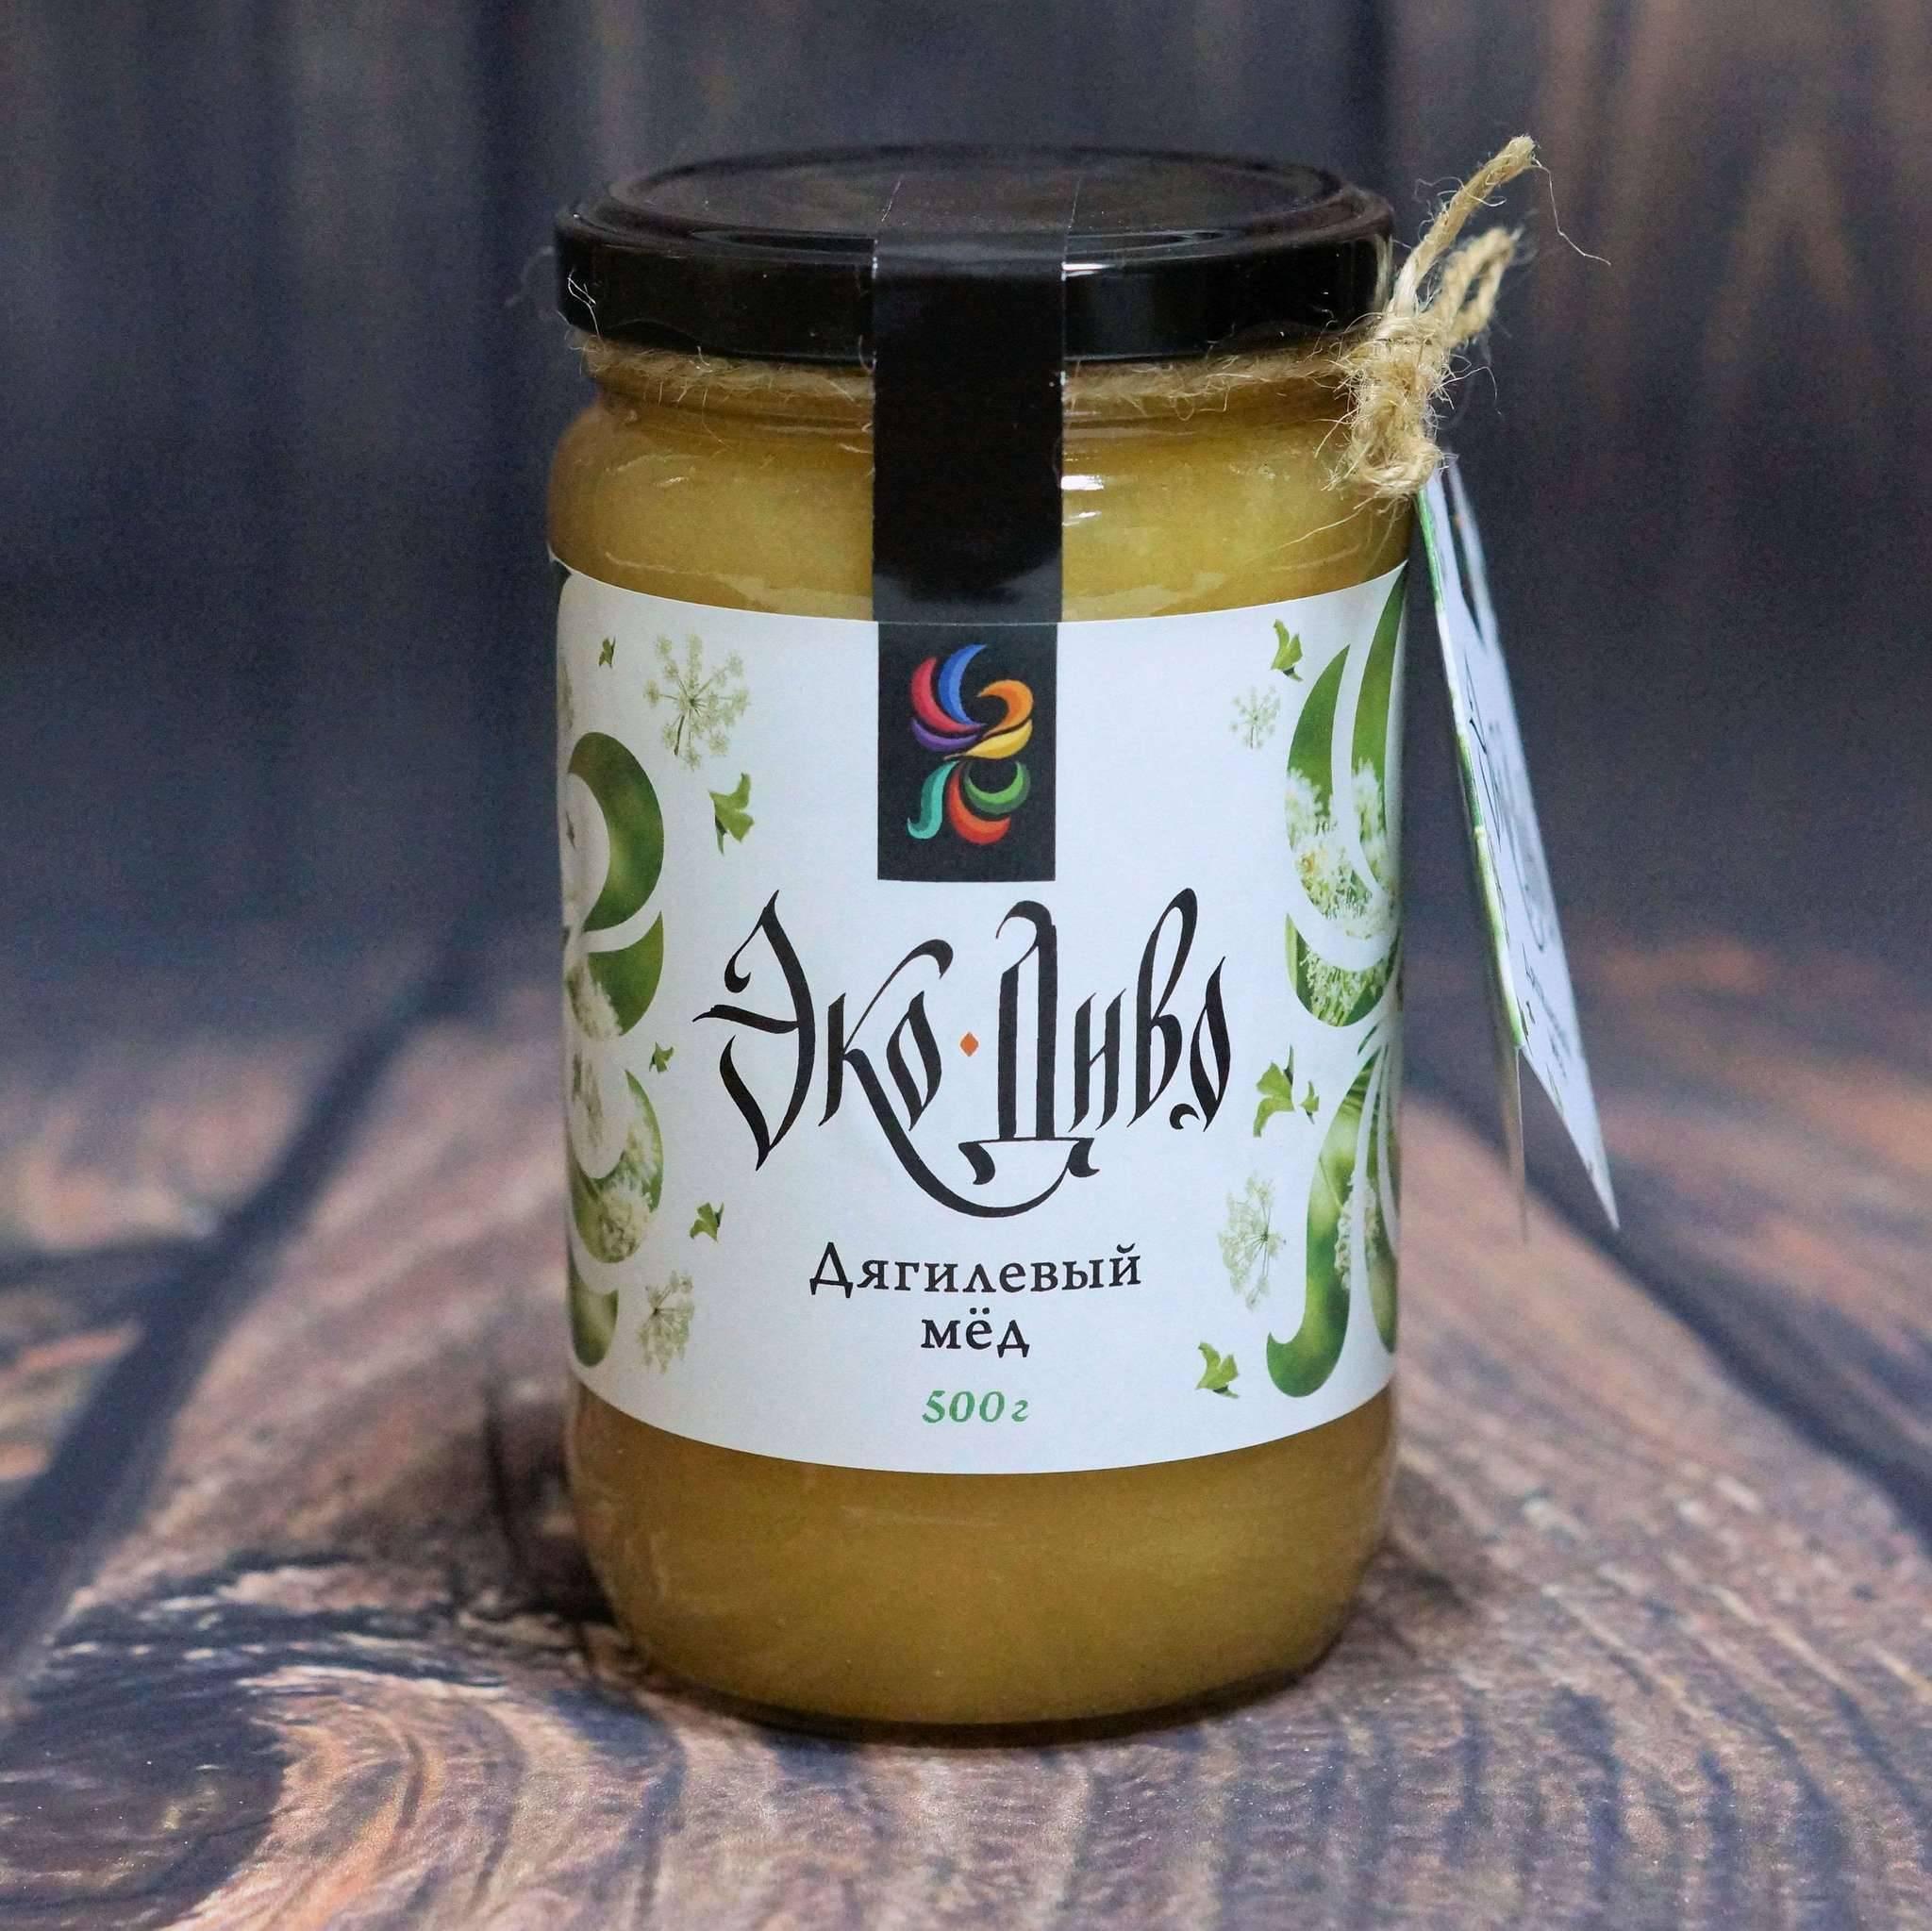 Дягилевый мед: полезные свойства и противопоказания, лечебные рецепты. как определить натуральность - lechilka.com